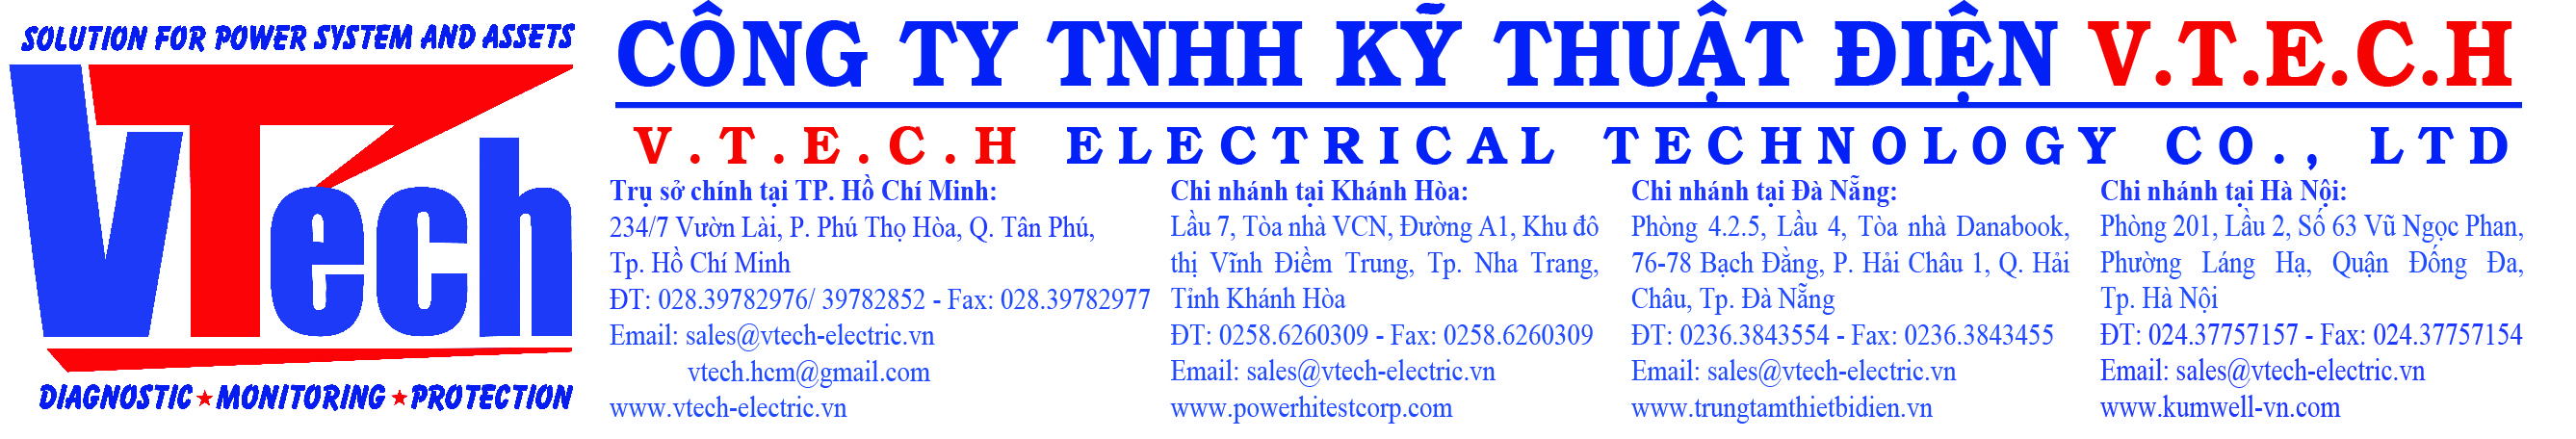 Công ty TNHH kỹ thuật điện V.T.E.C.H.